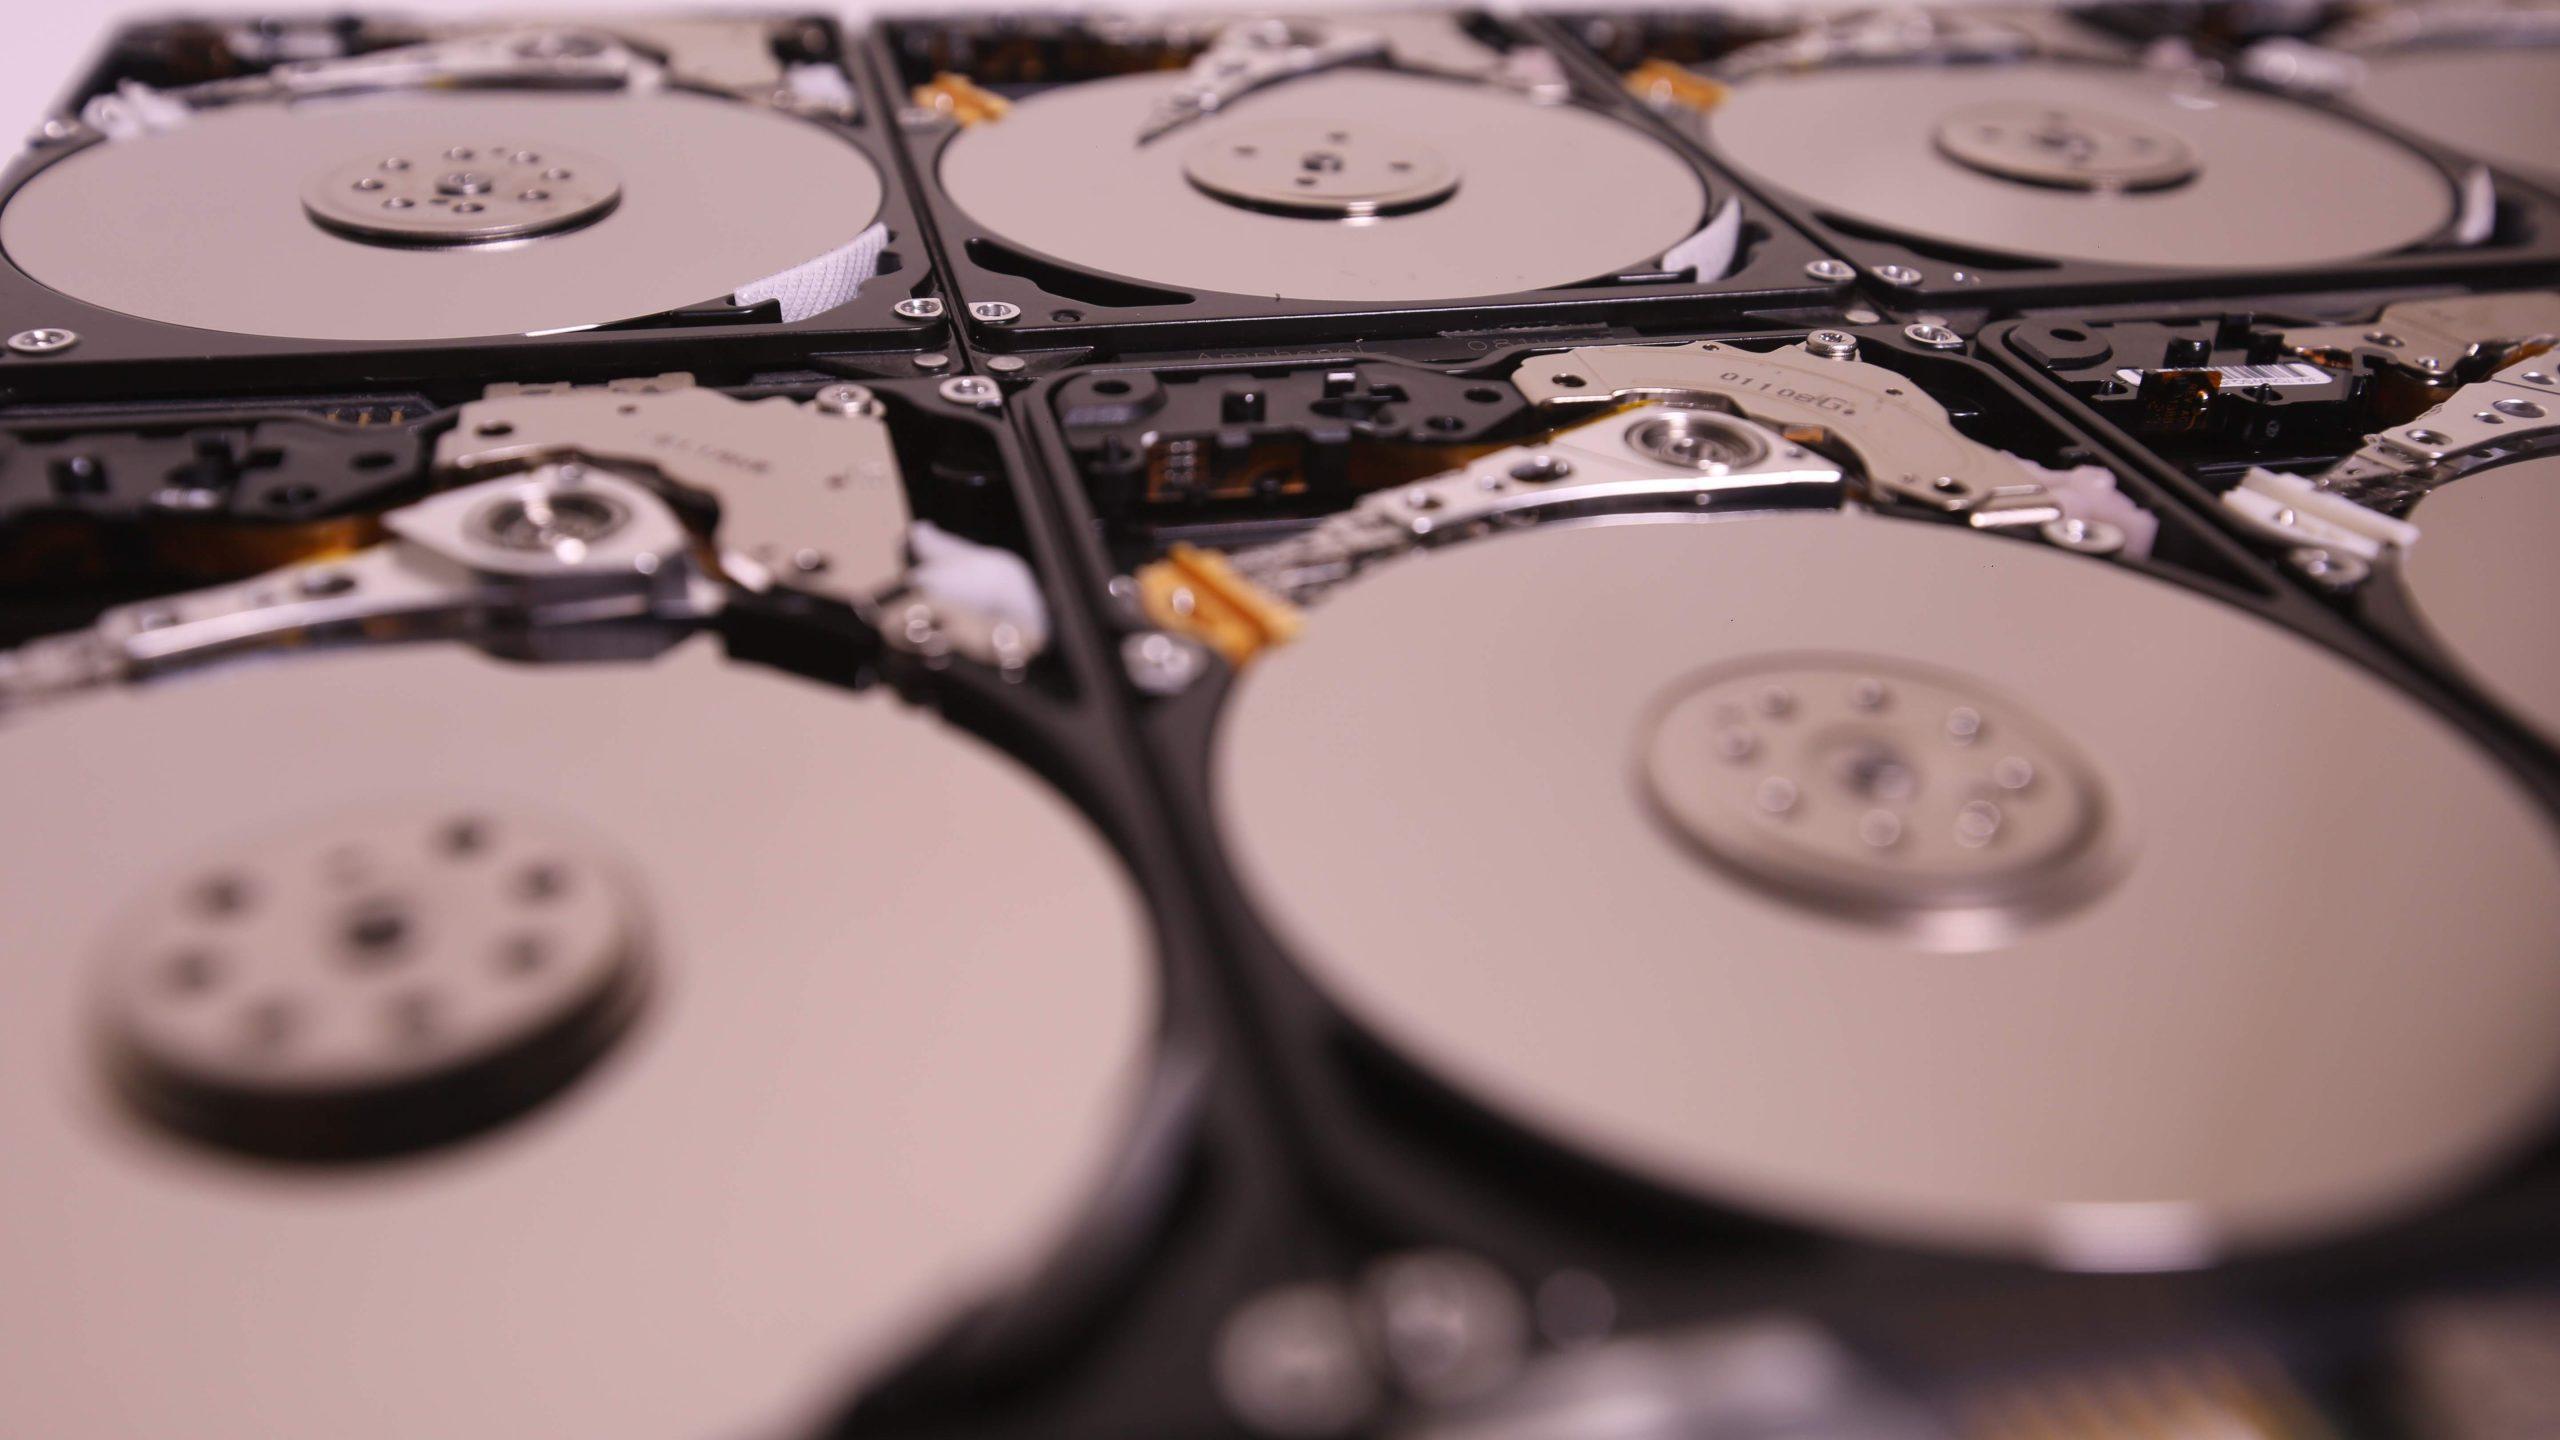 هارد دیسکهای کوانتومی ساخته شدند